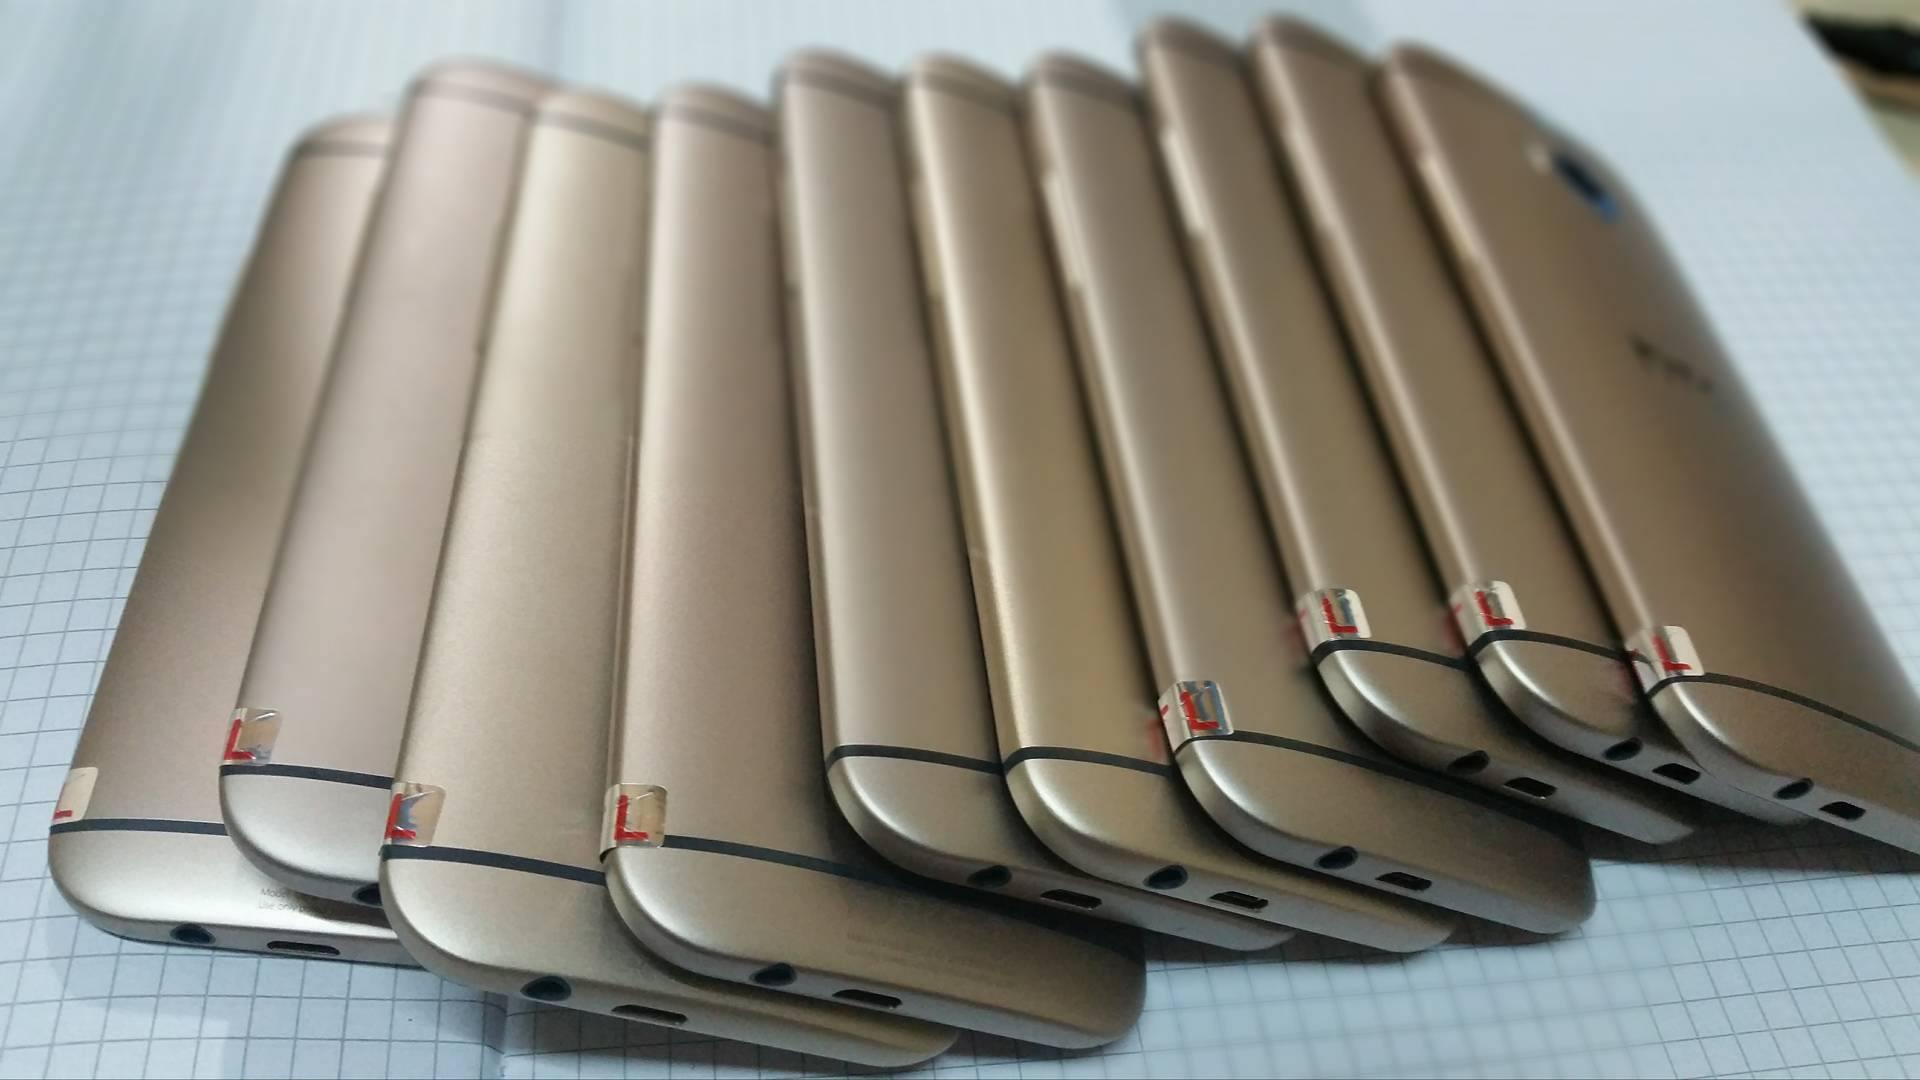 HTC ONE M8 GOLD BÁN HCM ZIN NEW NHƯ MỚI,BỘ NHỚ 32GB,BH 6 THÁNG 2